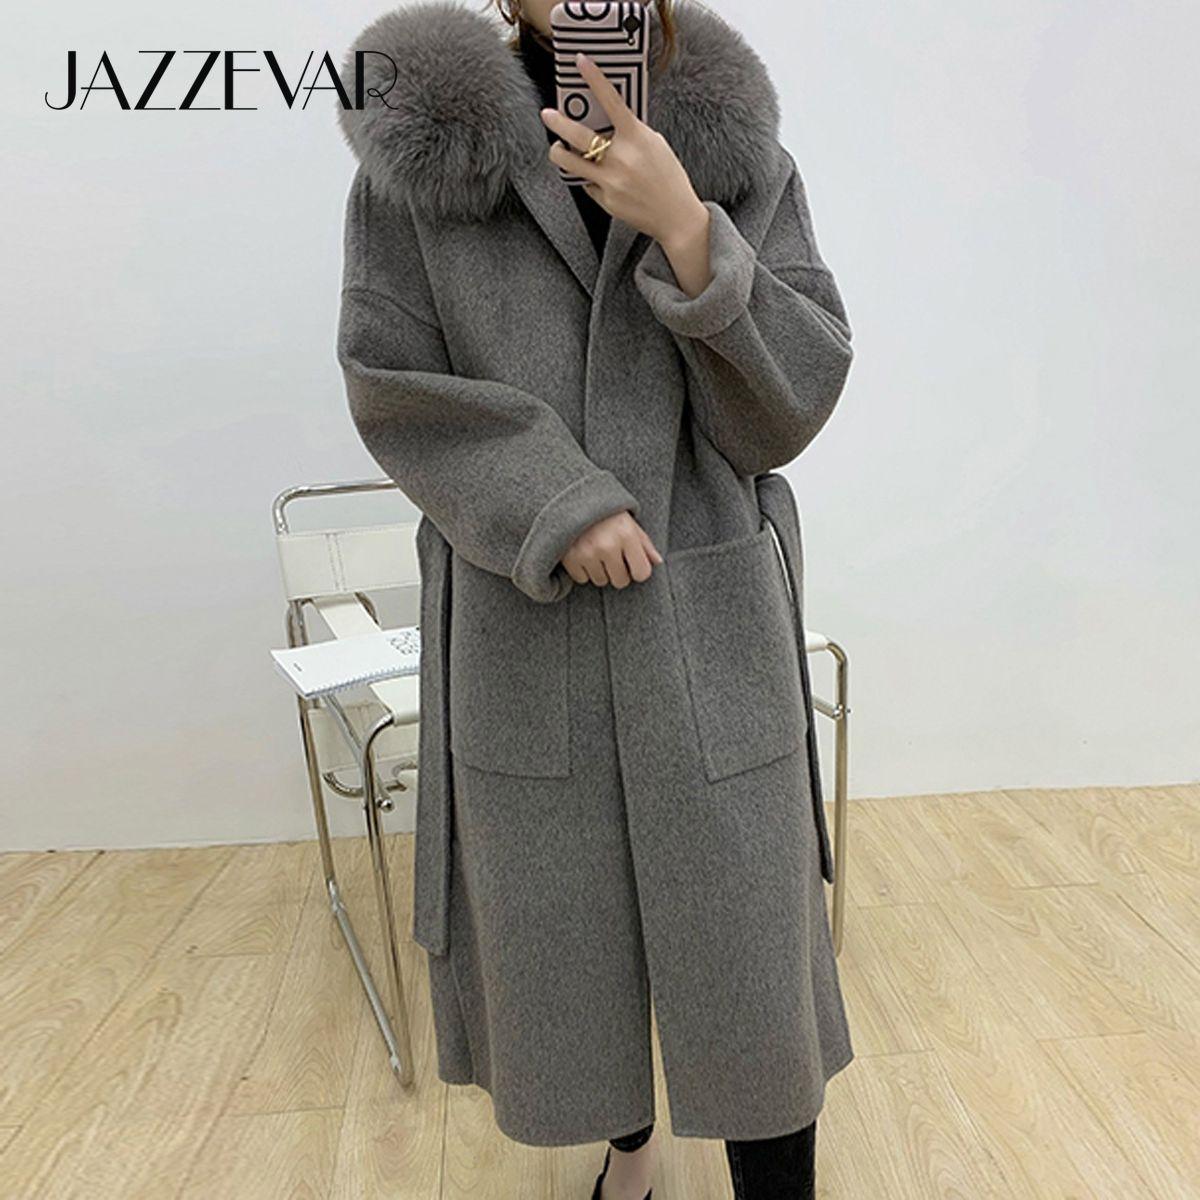 JazzVar inverno mulheres casuais longas raposa raposa jaqueta de pele cashmere Duplo de frente para lã outerwear senhoras grandes casacos com capuz 210204